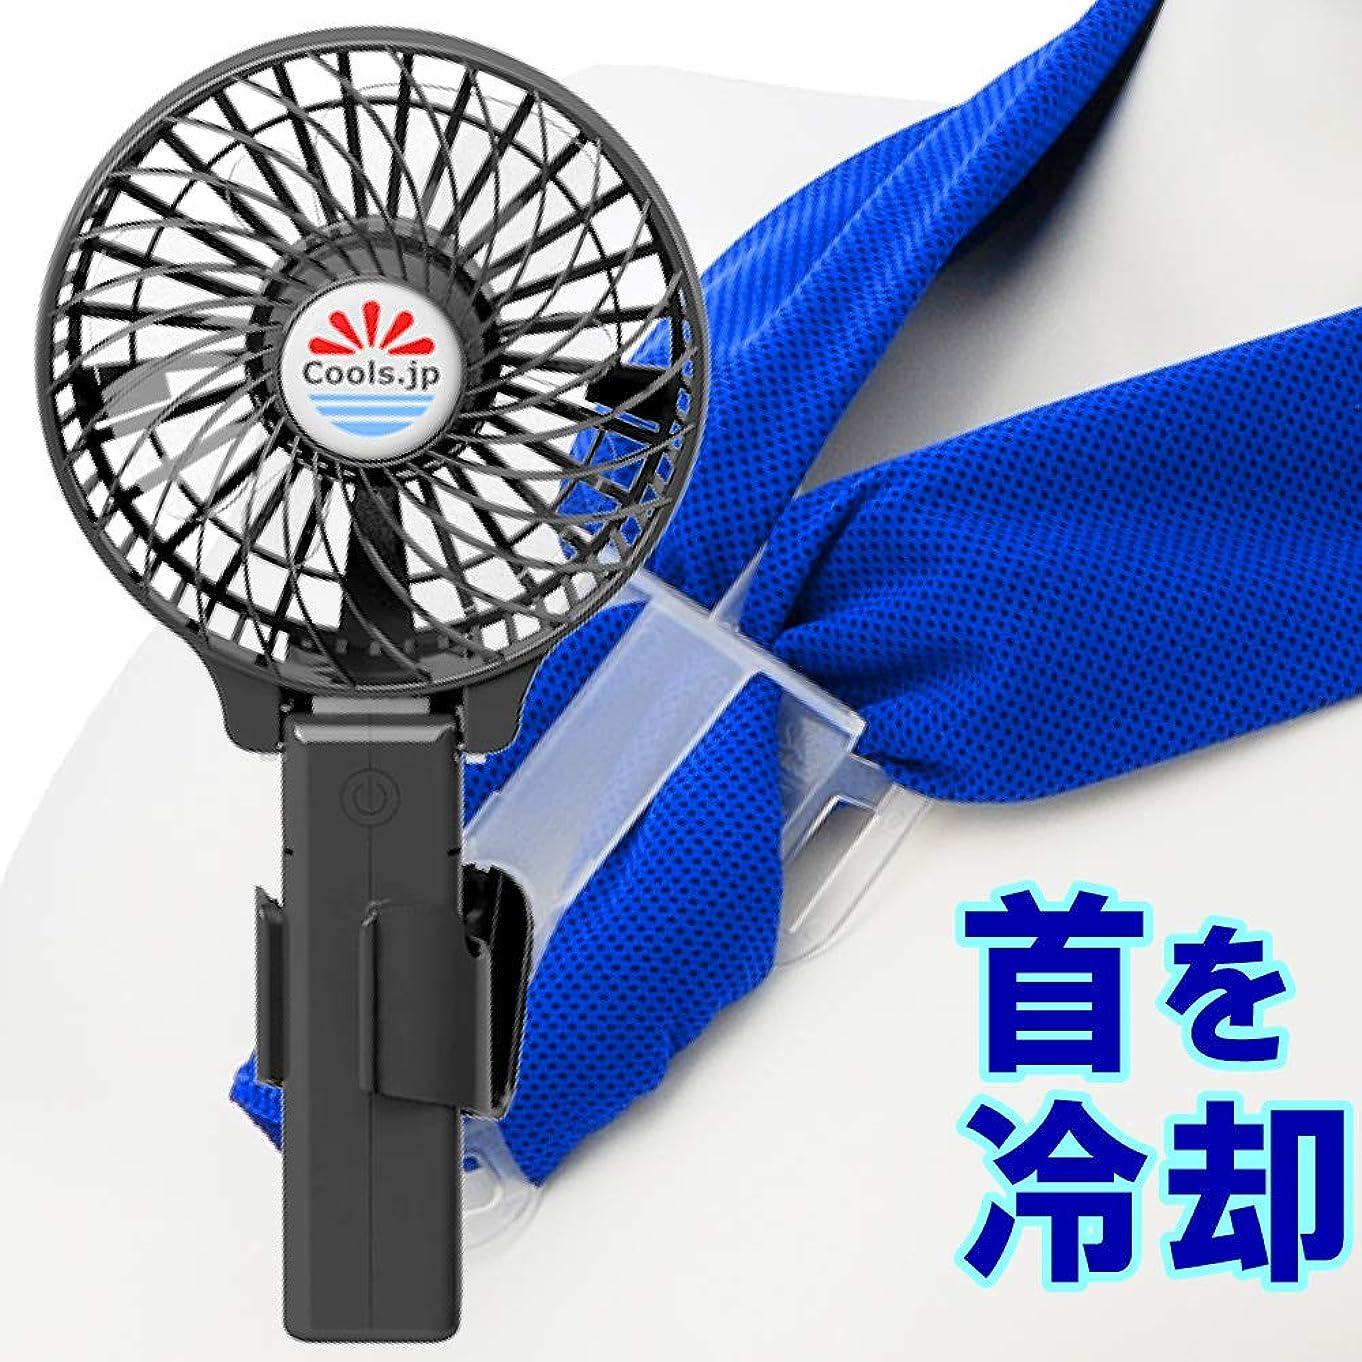 アンビエント発掘するトーク濡れタオルつき扇風機 冷却タオルファン (水の気化熱で6℃マイナス, 服の中へ送風) USB充電池式 ハンズフリー ハンディファン 携帯扇風機 首掛けタオル付 (4インチファン黒,タオル青)